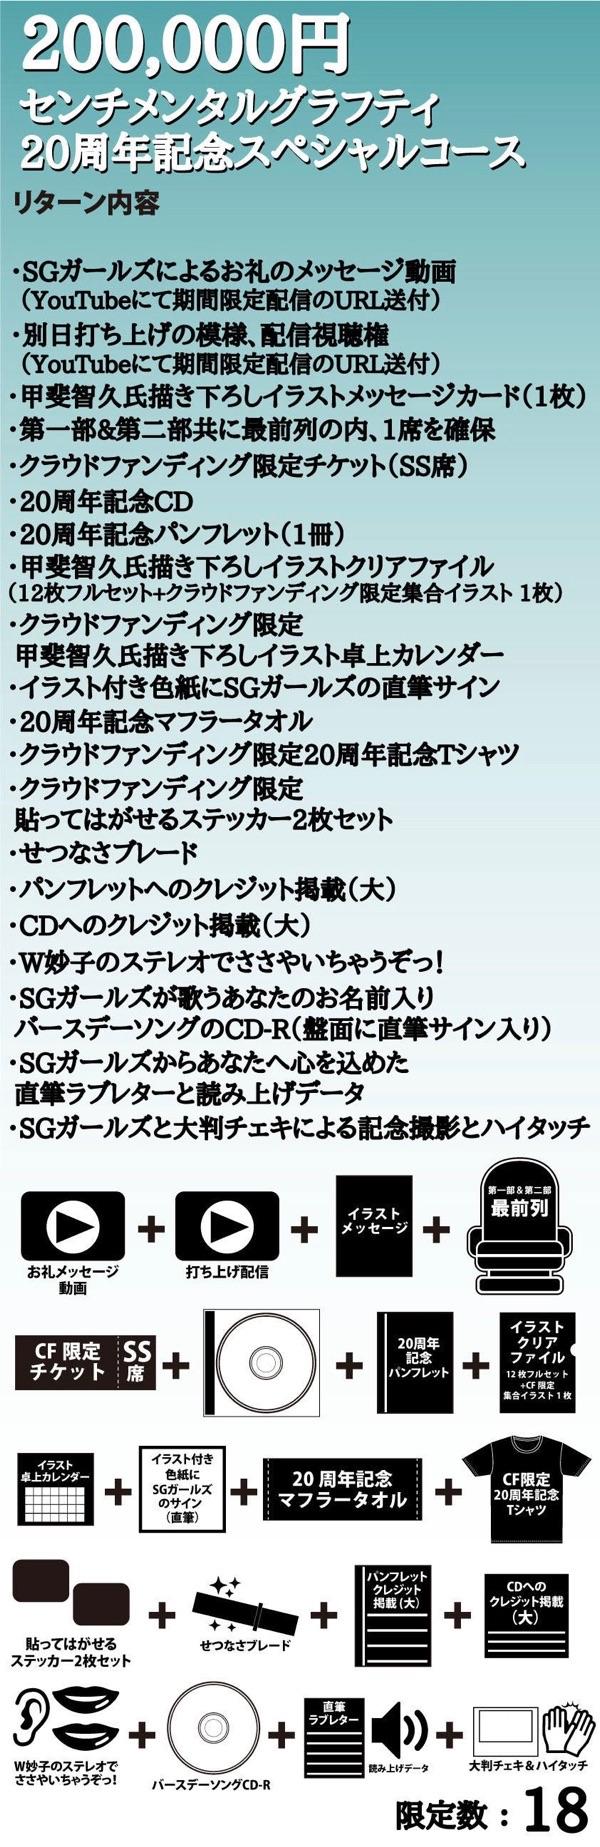 センチメンタルグラフティ20周年記念スペシャルコース